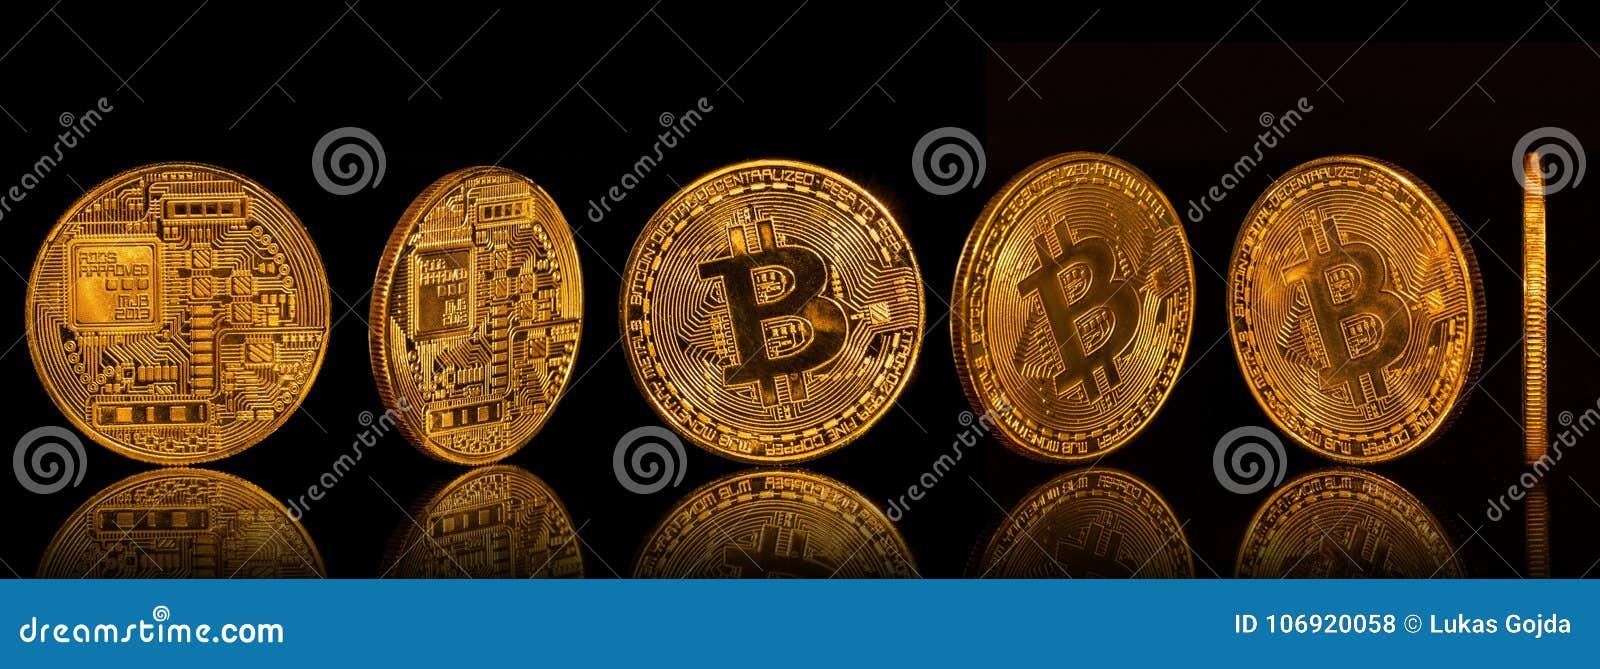 Bitcoin złocistych monet kolekcja na czarnym tle